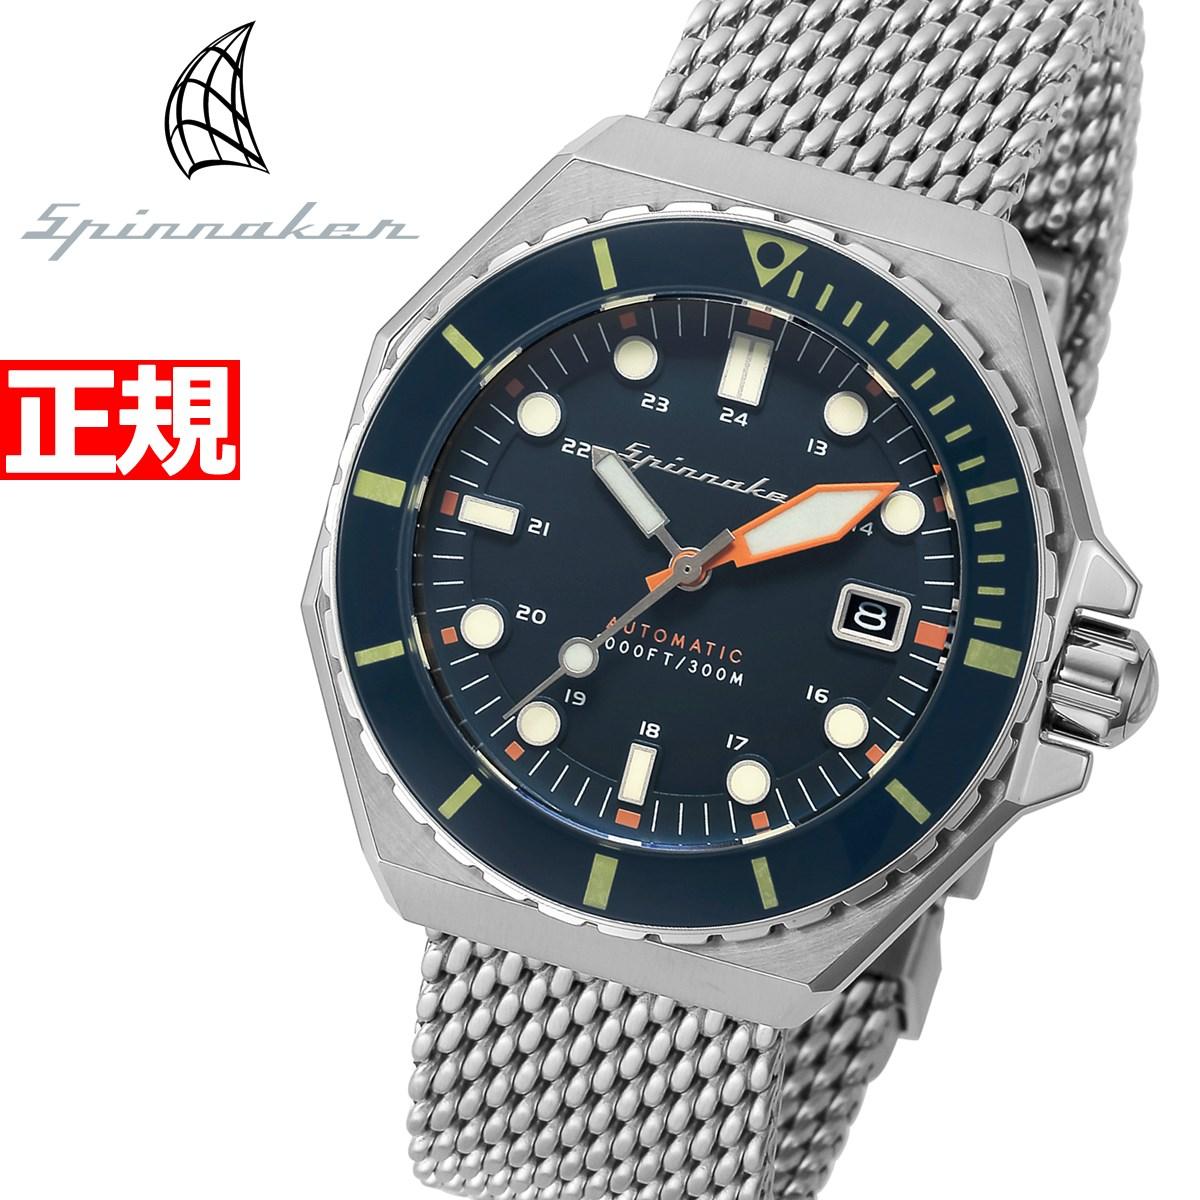 【5日0時~♪10%OFFクーポン&店内ポイント最大51倍!5日23時59分まで】スピニカー SPINNAKER 腕時計 メンズ DUMAS SP-5081-22